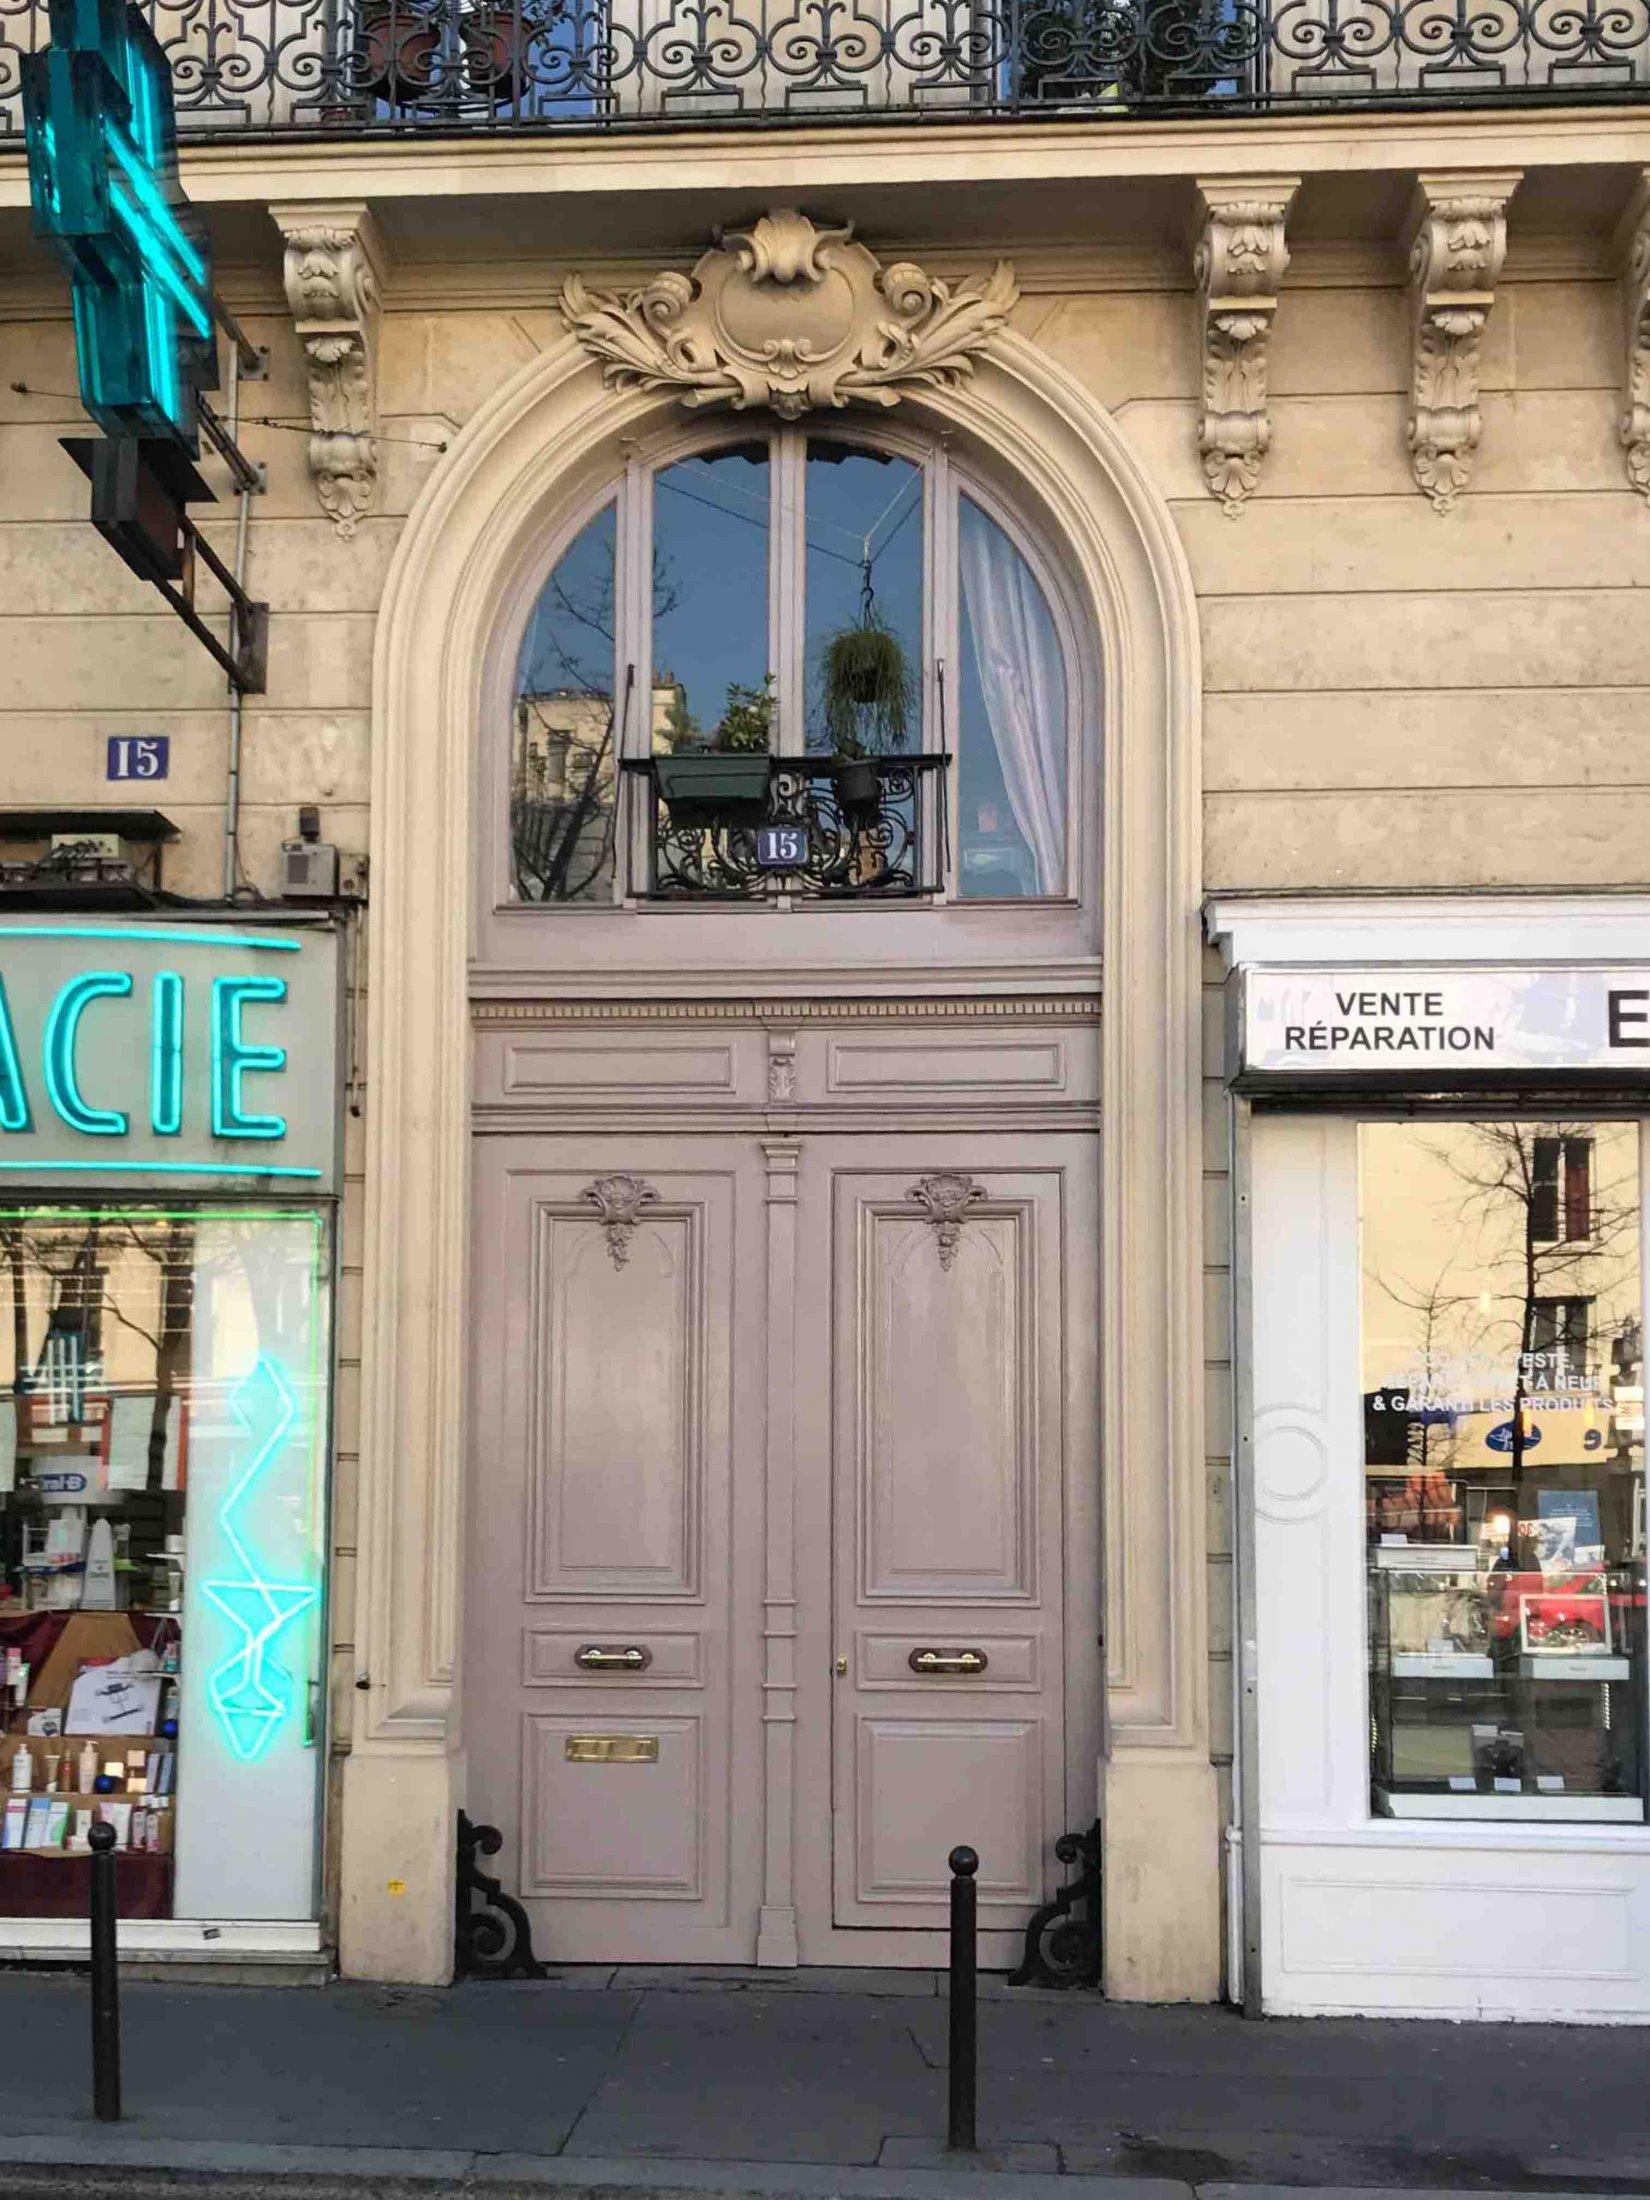 Porte Cochère Avec Une Baie D'entresol Sur Toute La Largeur Du Tableau - Paris 17